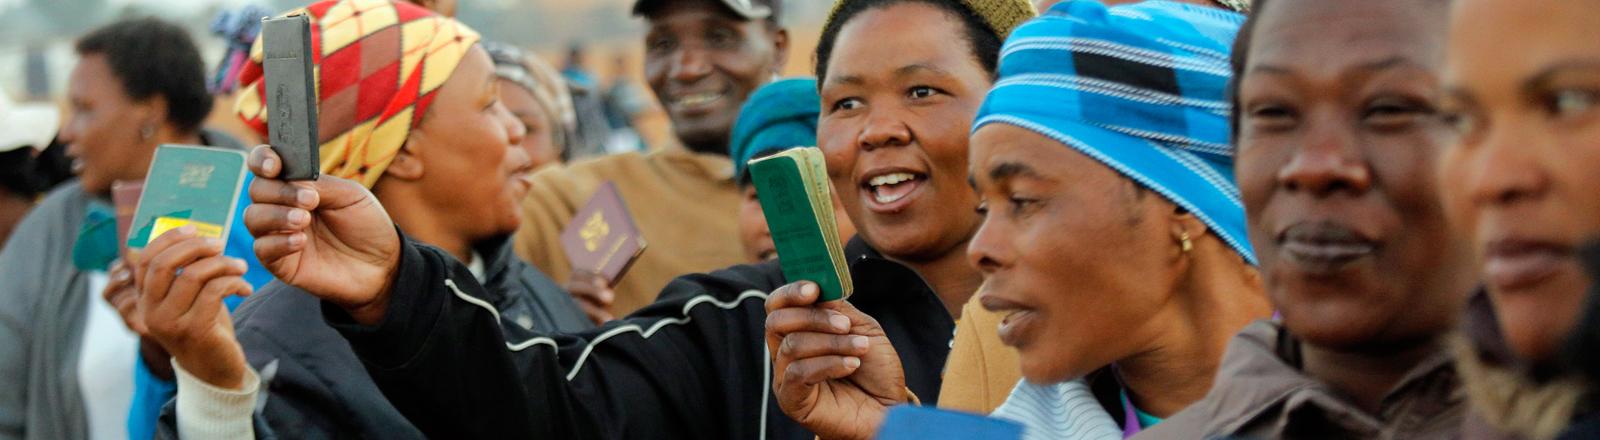 Südafrikanerinnen auf dem Weg zum Wahllokal.